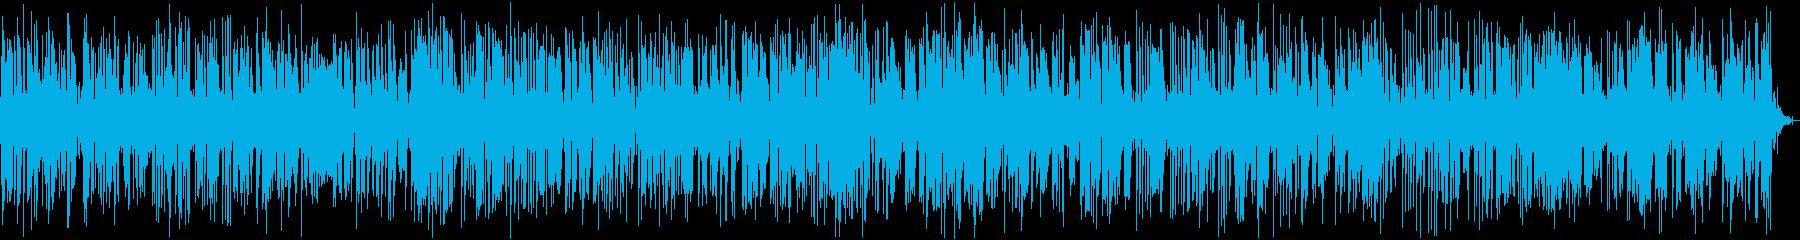 おしゃれでクールなジャズピアノの再生済みの波形